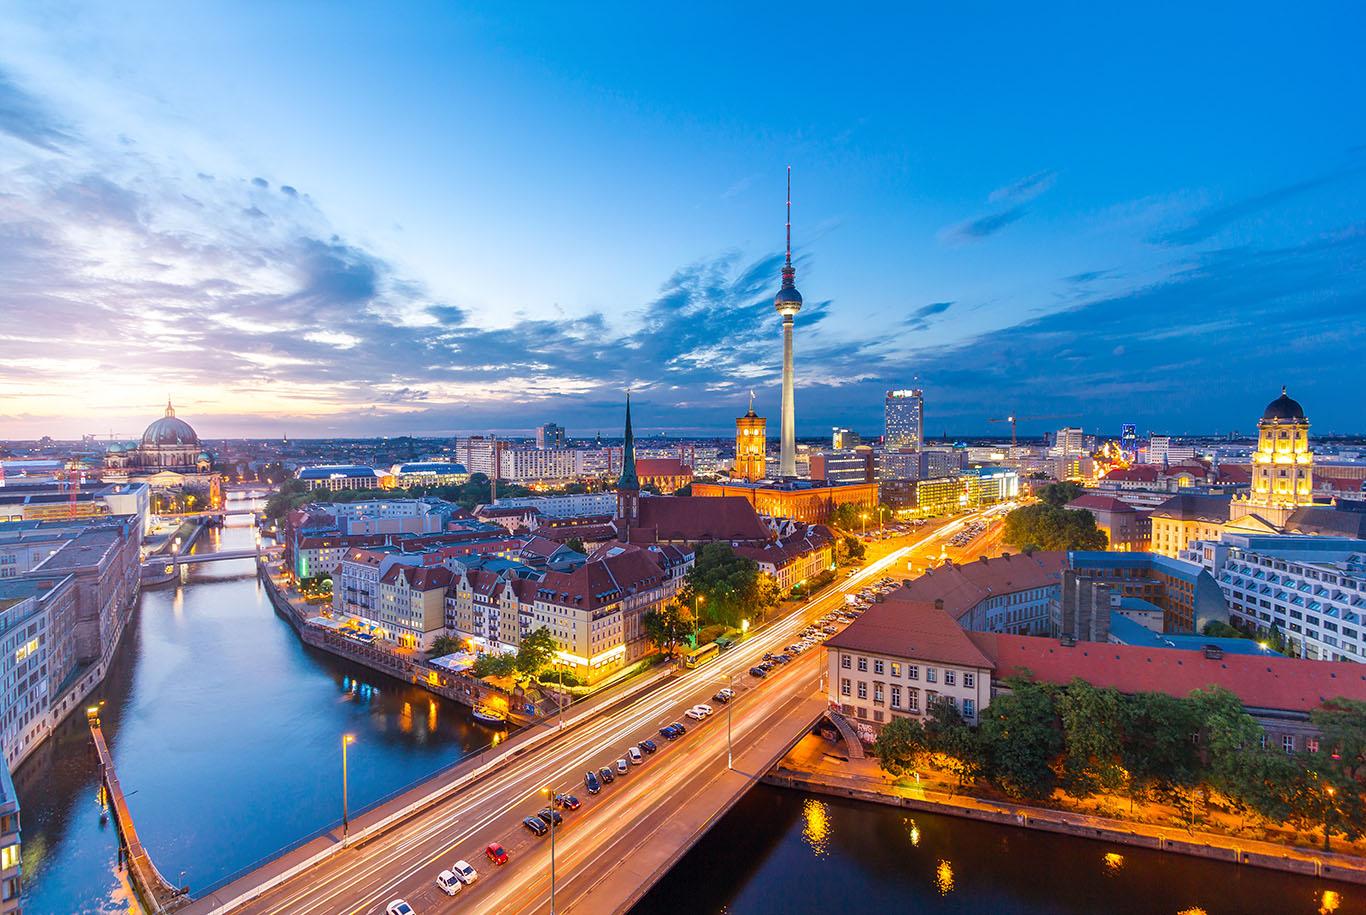 Partyurlaub in Berlin